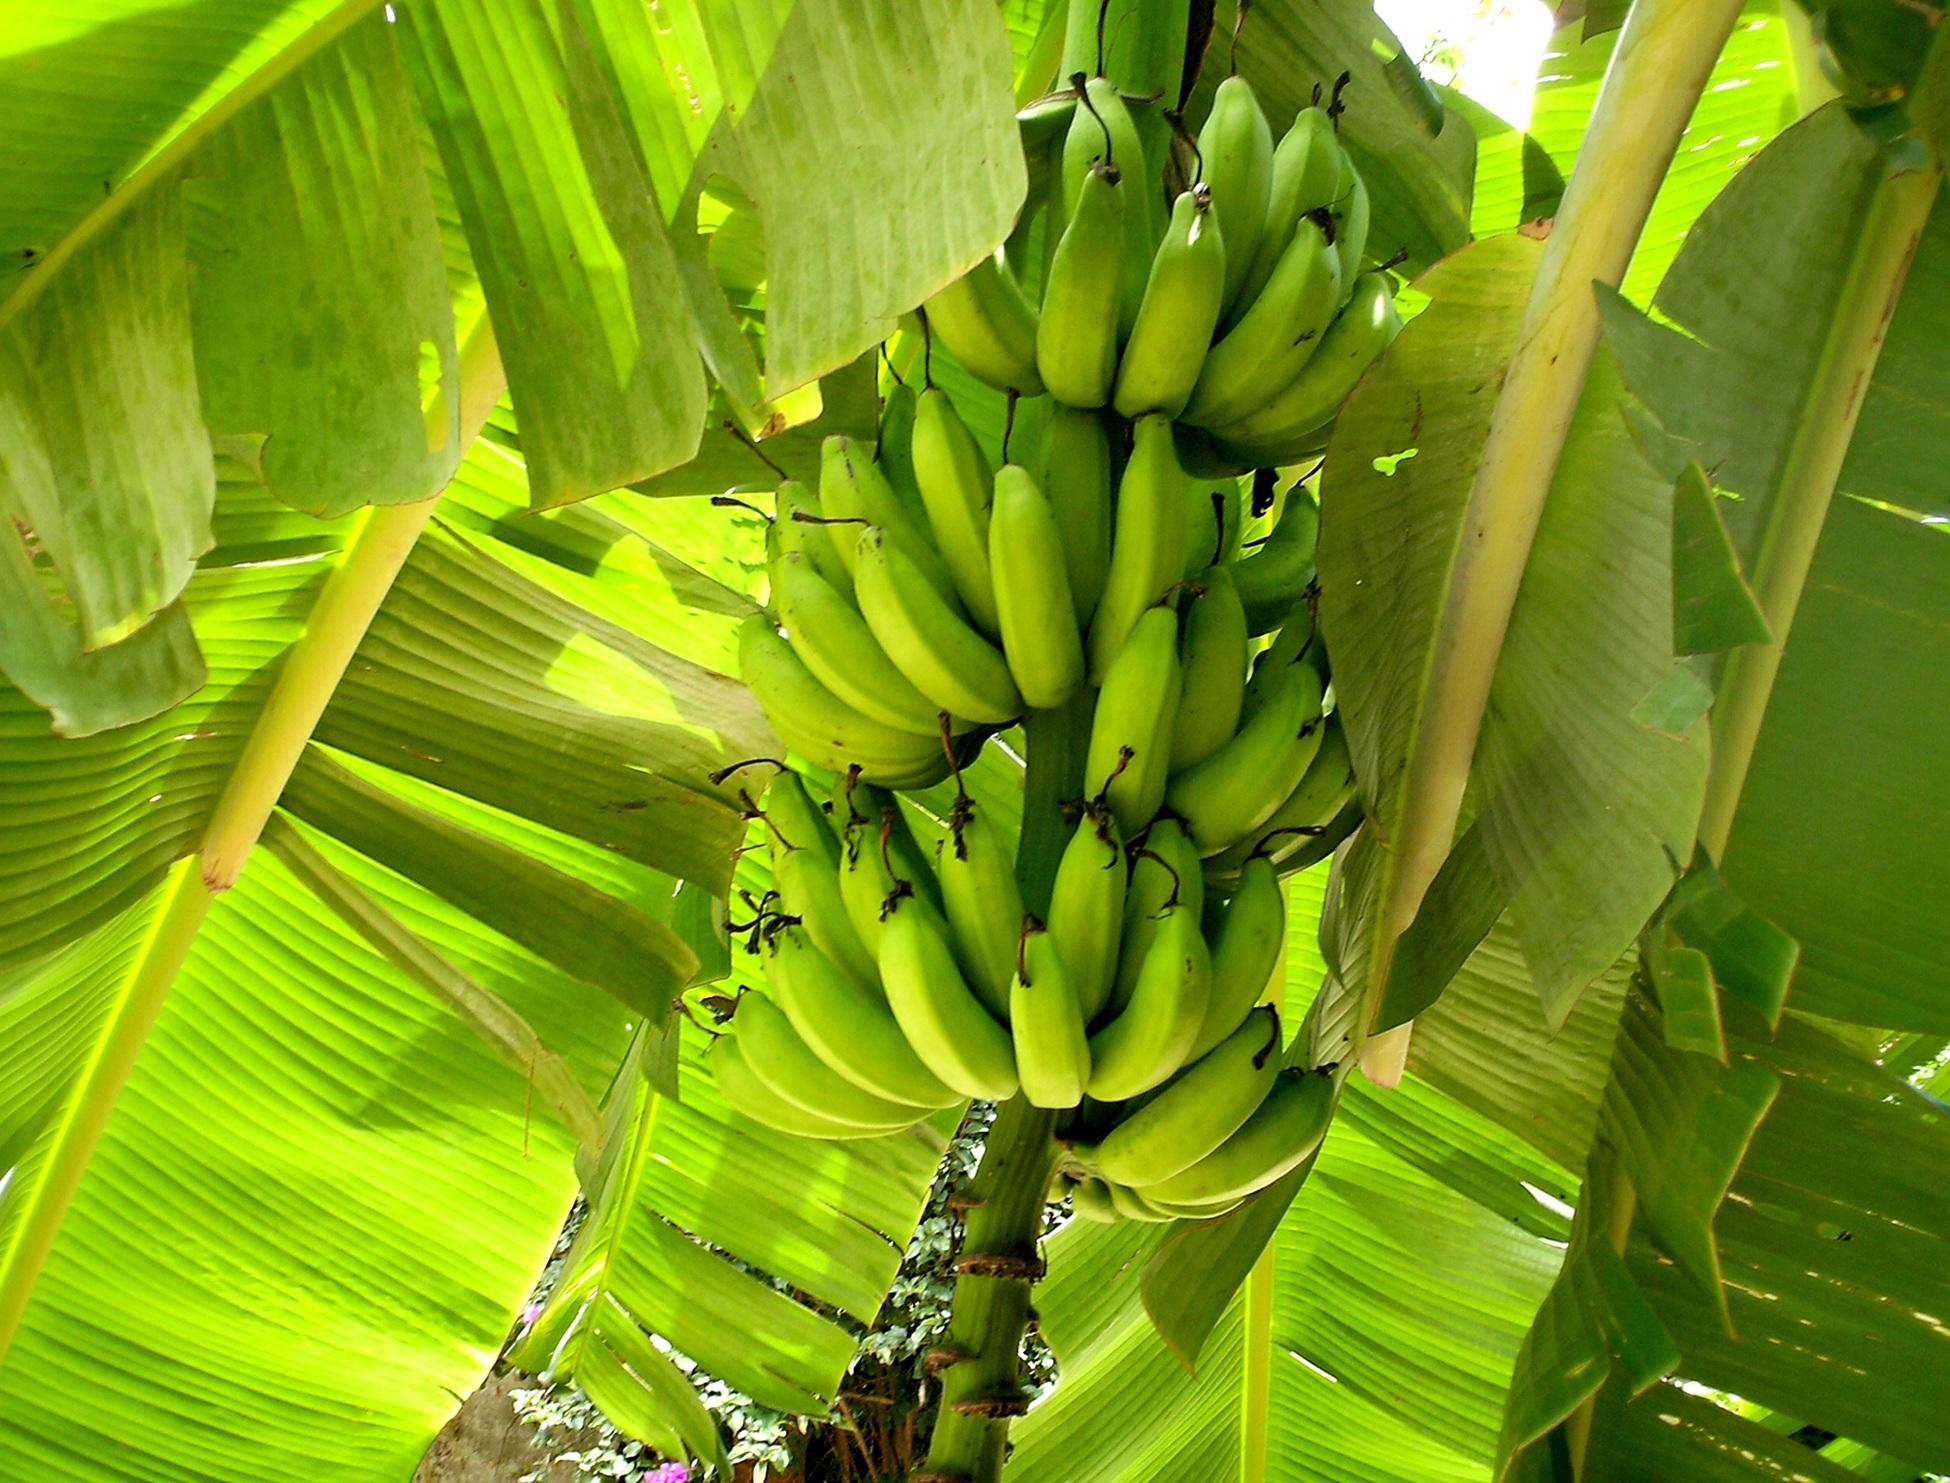 Pianta Di Banana Foto immagini belle : natura, frutta, foglia, fiore, frutteto